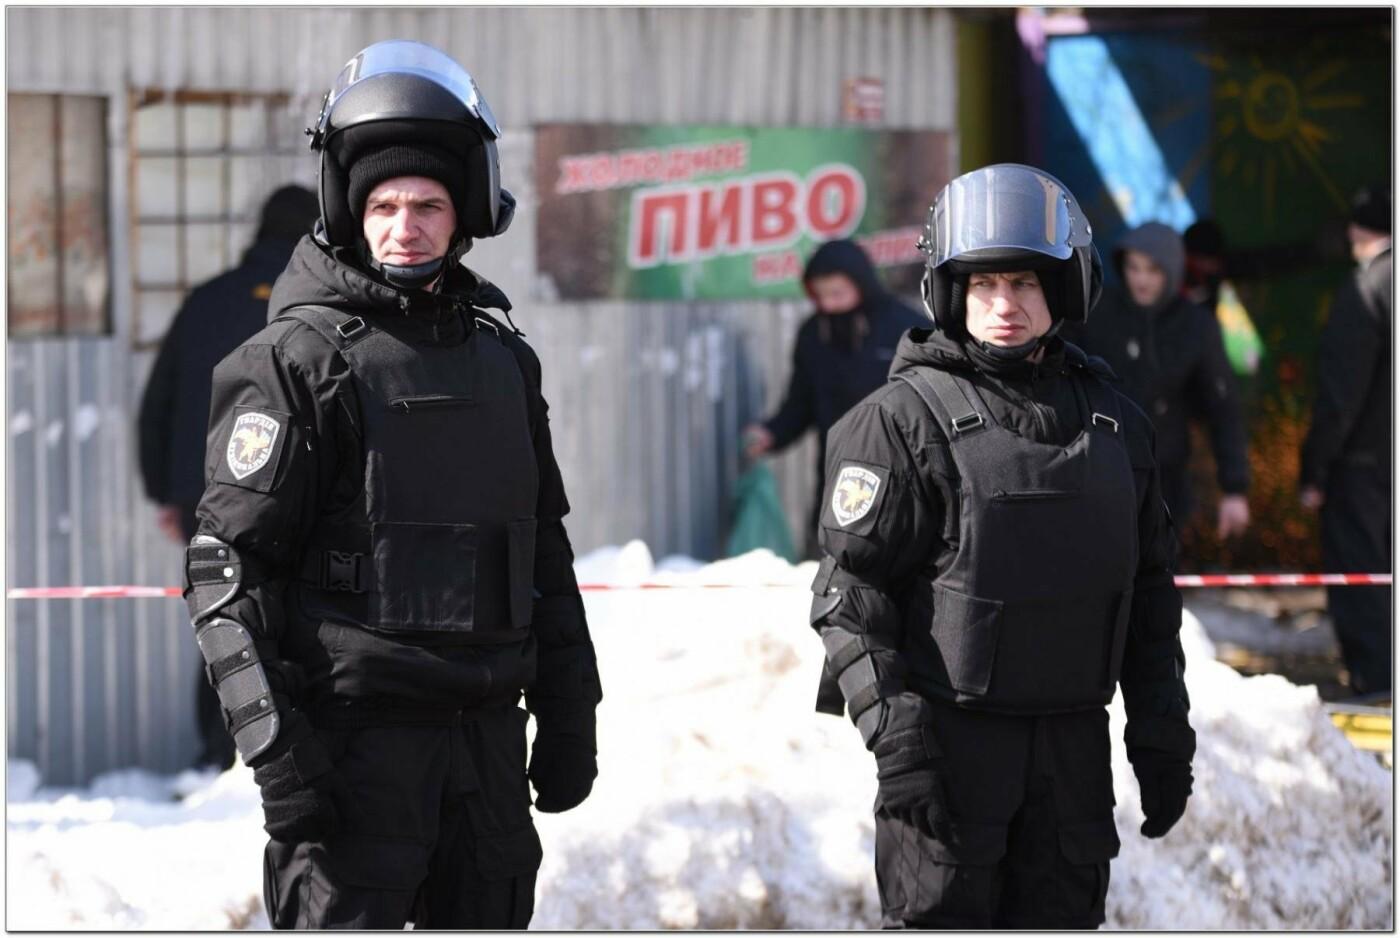 Каменская «Муниципальная гвардия»: «Никогда не пройдем мимо правонарушения», фото-8